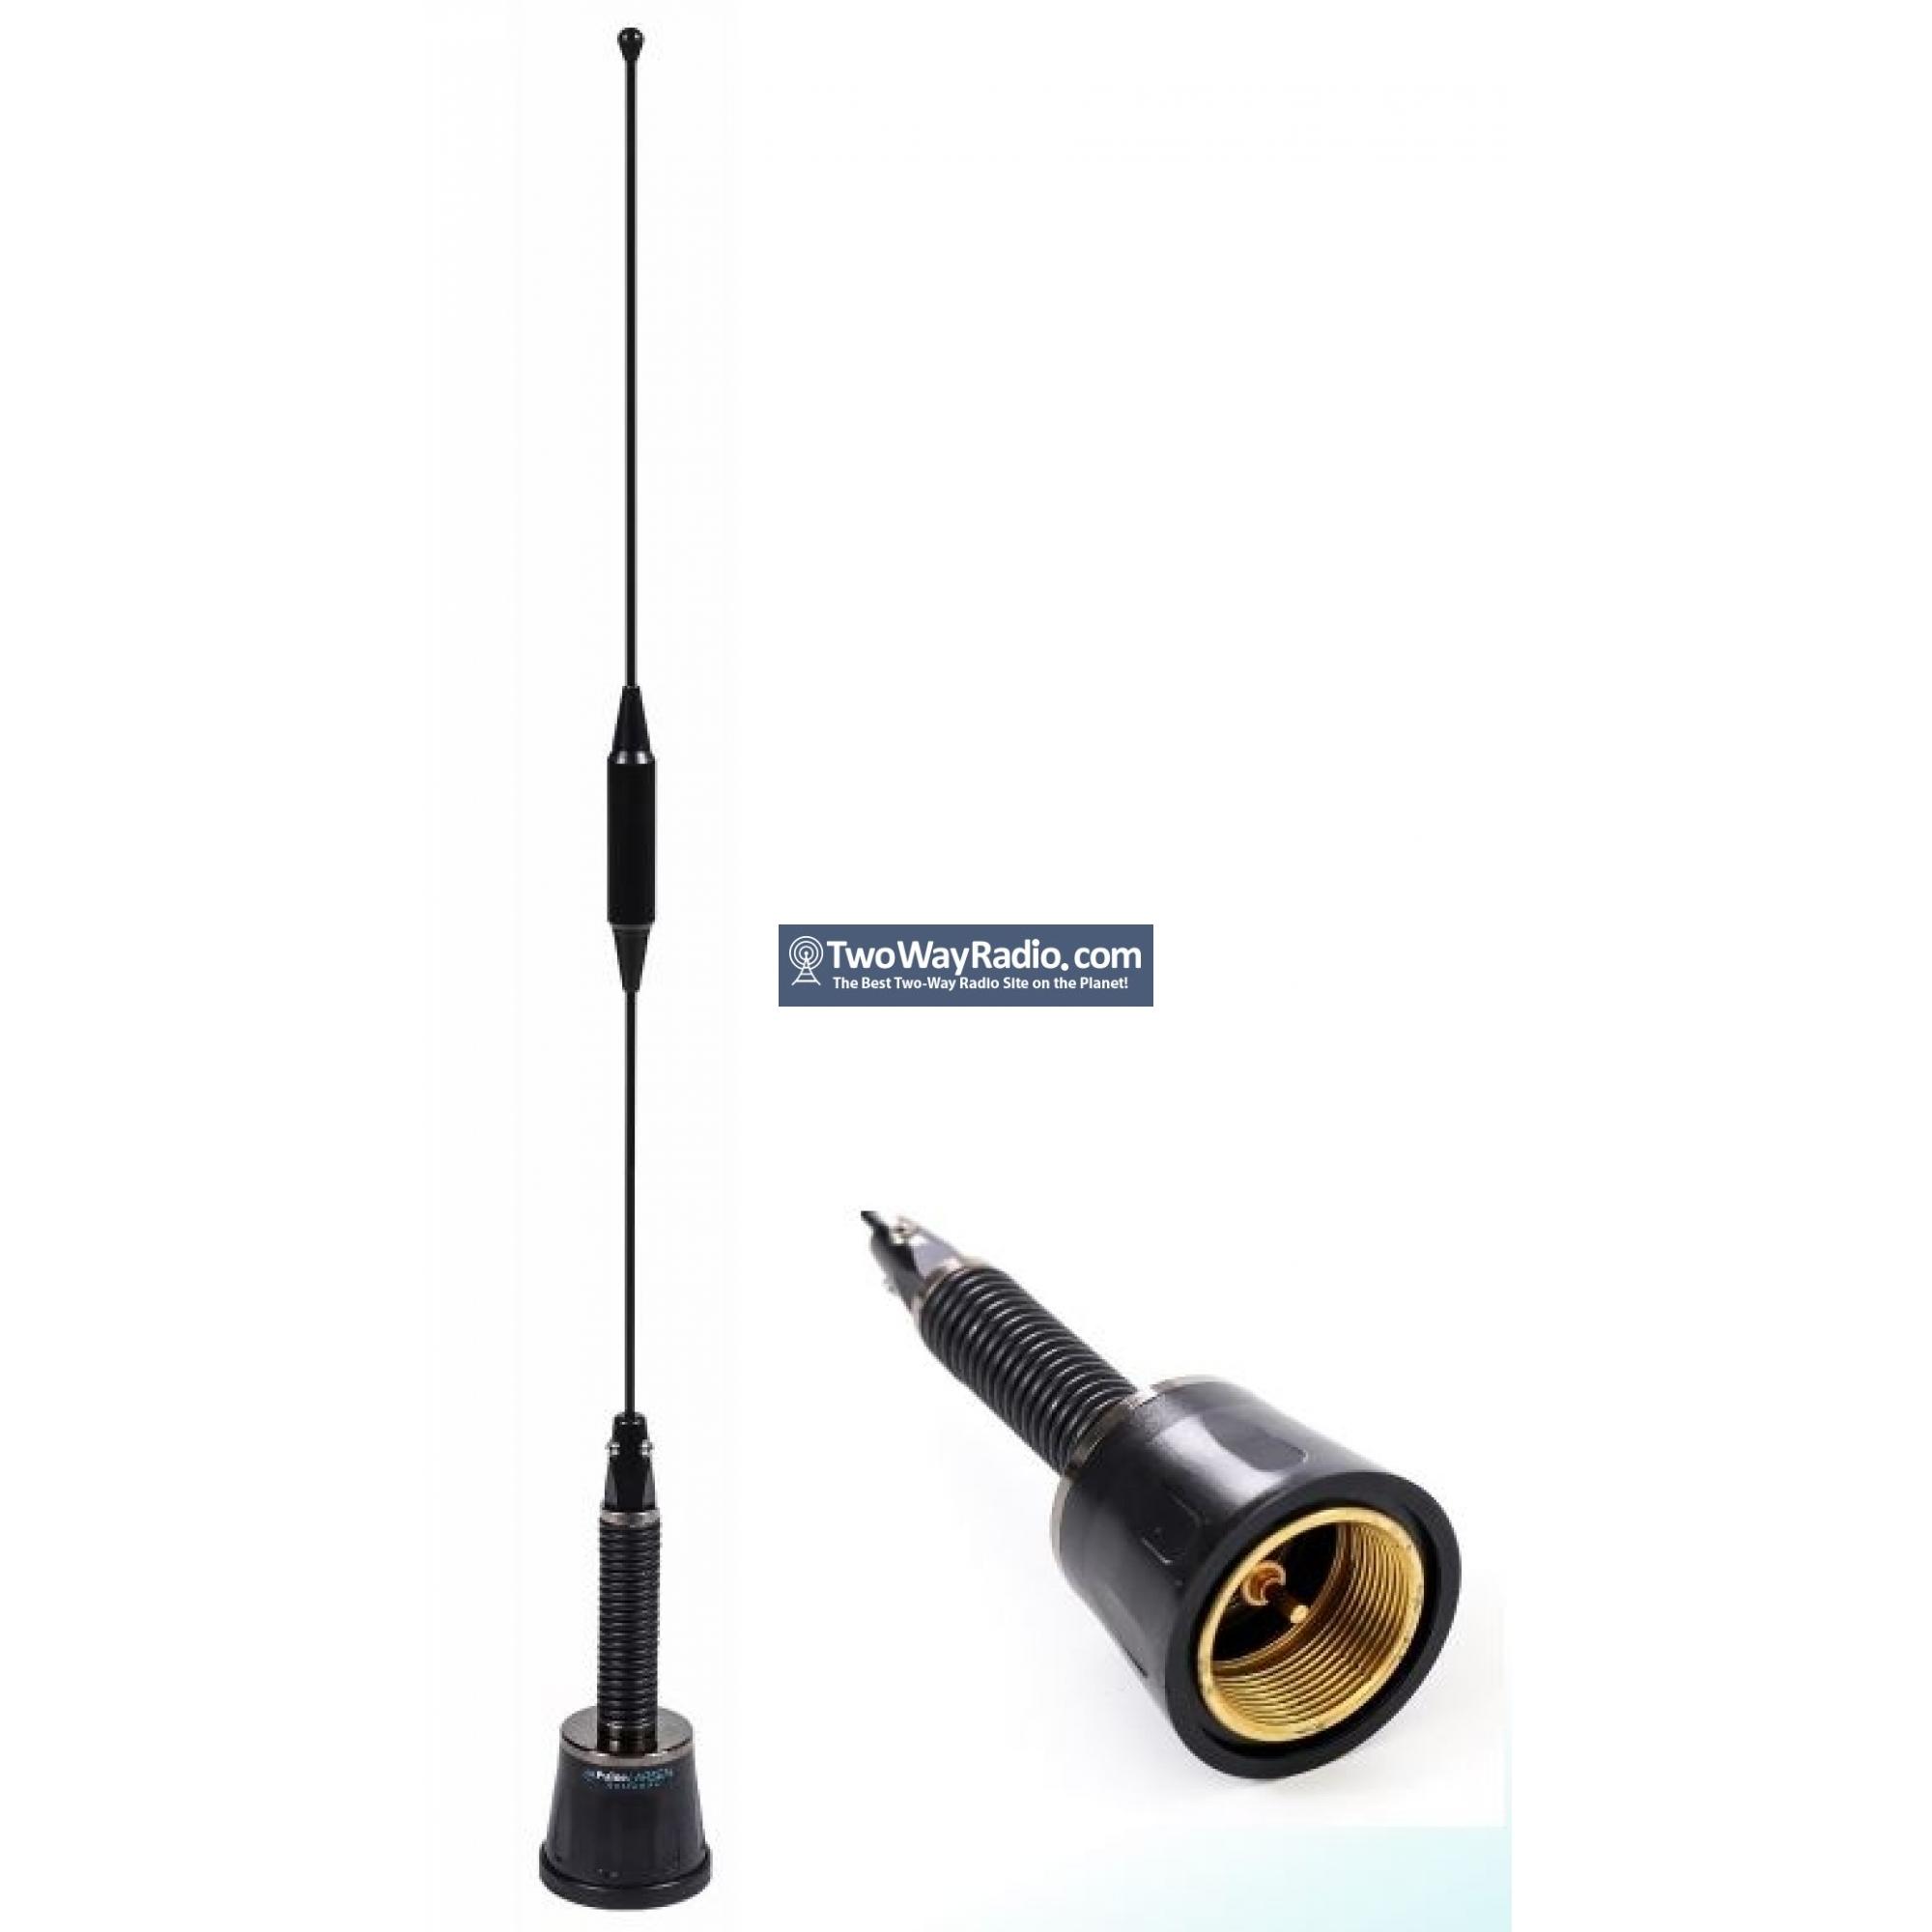 Larsen NMO150-450-800 Tri-Band Nmo Antenna